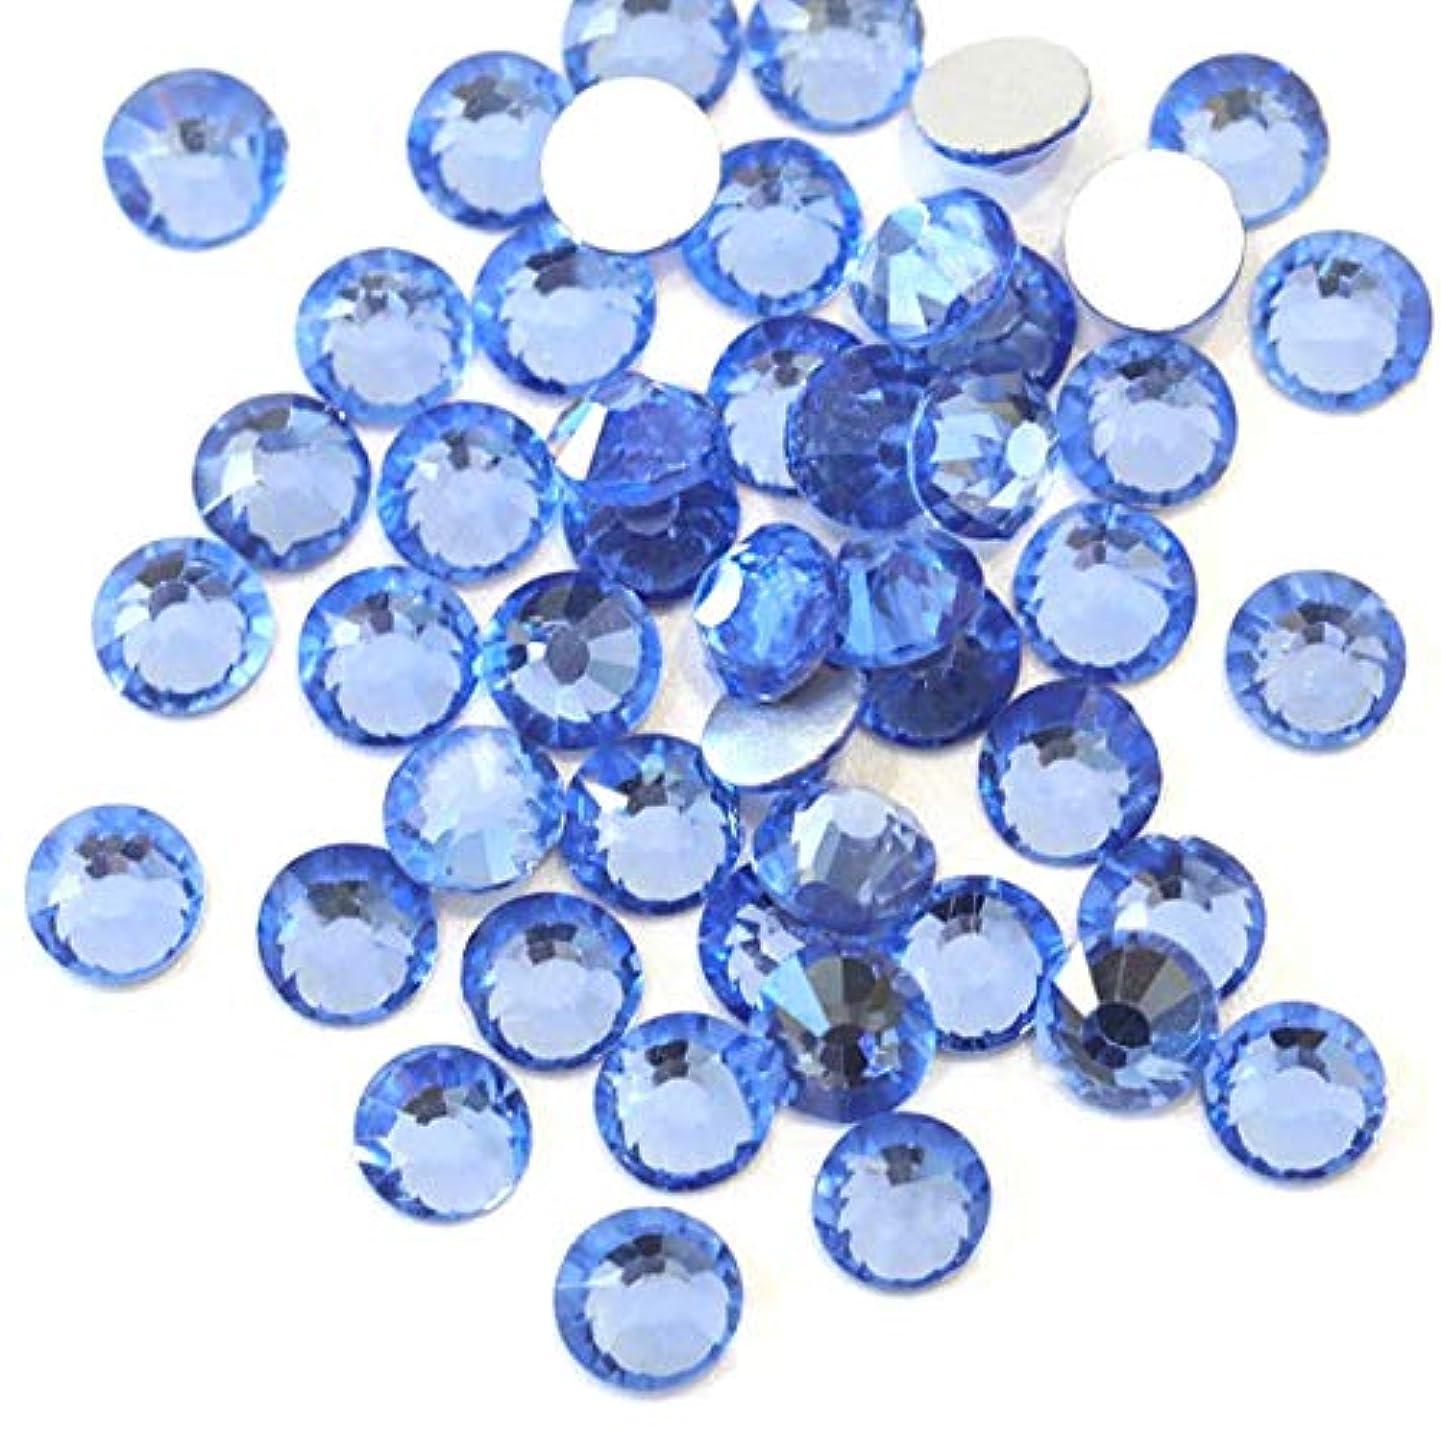 リッチエチケットフォーラム【ラインストーン77】高品質ガラス製ラインストーン ライトサファイア(4.0mm (SS16) 約150粒)